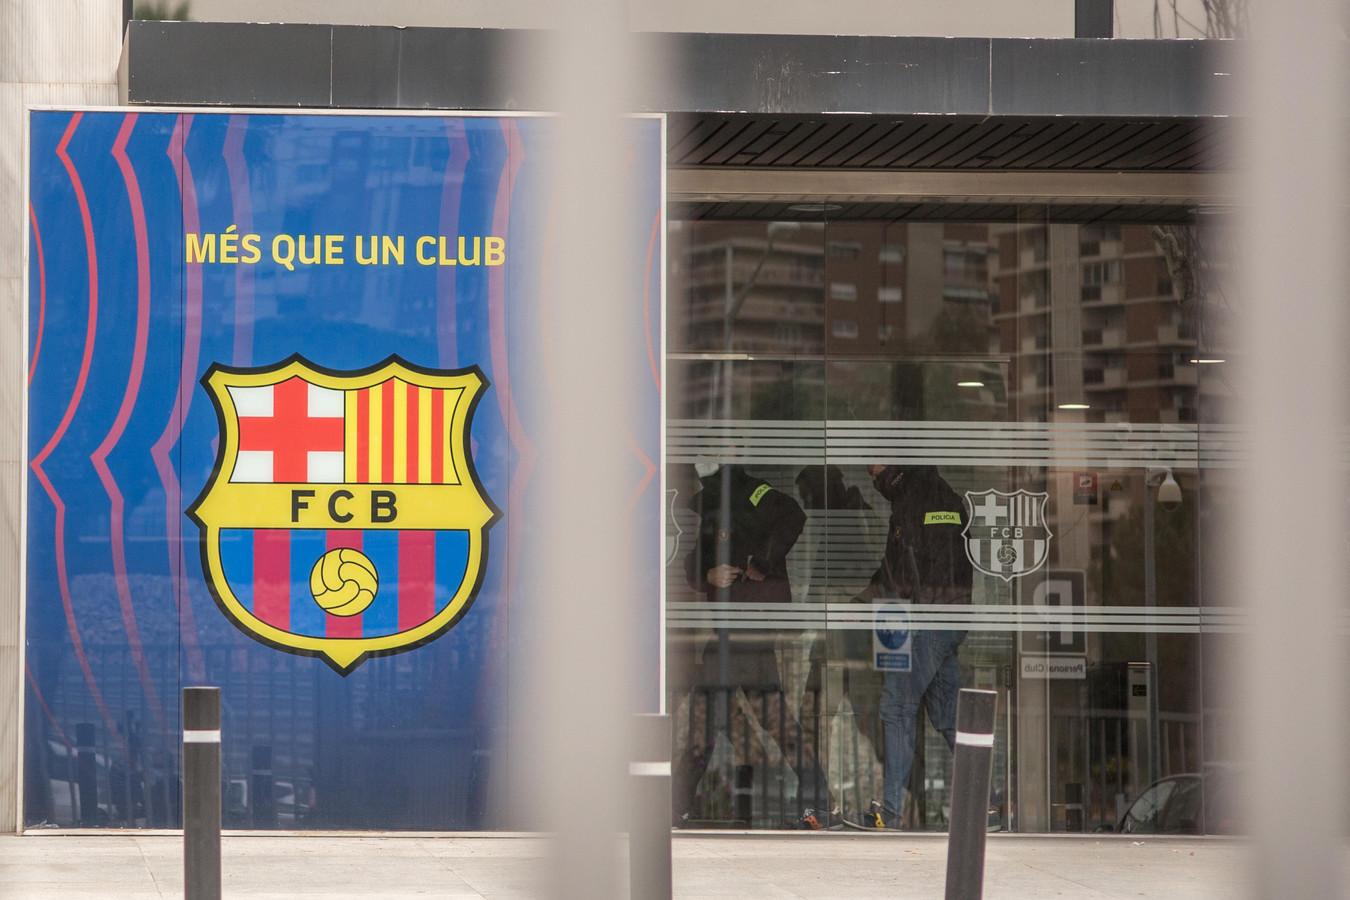 De inval gisteren bij FC Barcelona.